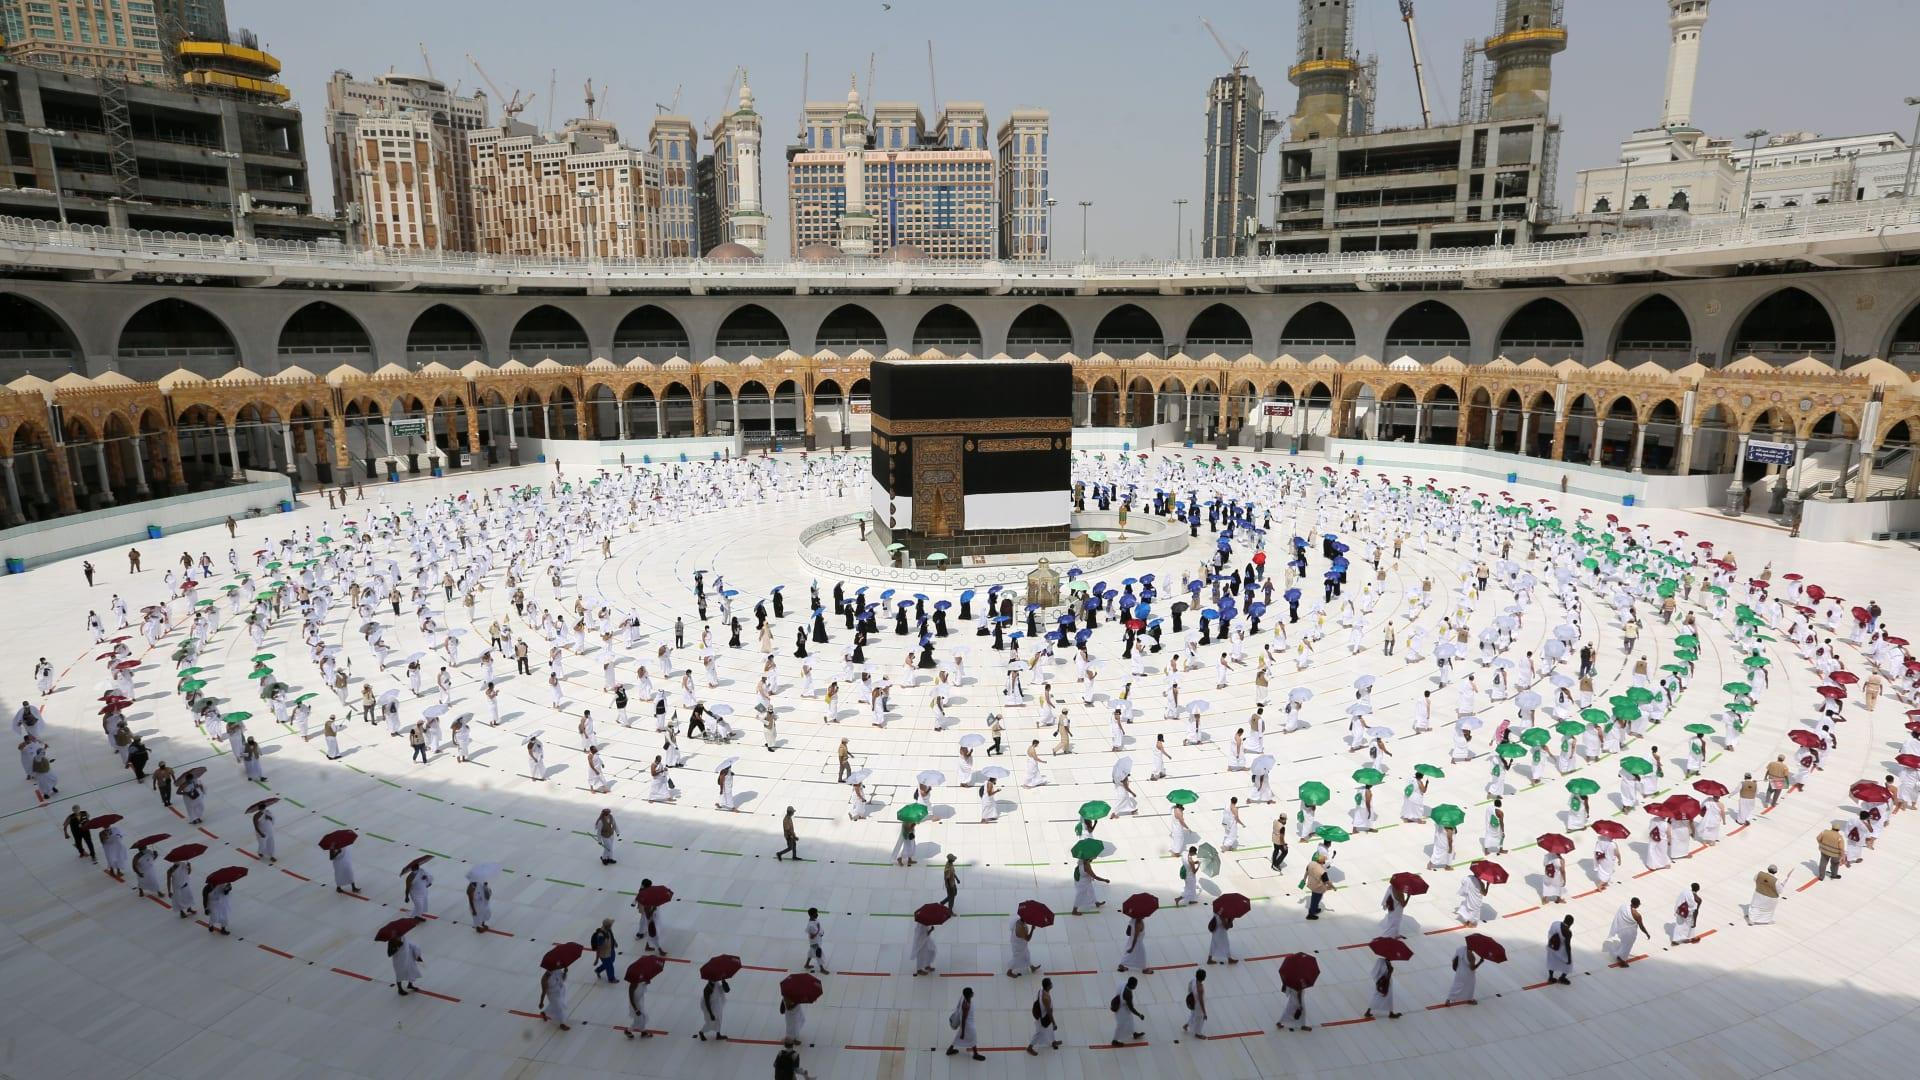 السعودية تدشن موقعًا لتسجيل الراغبين في الحج من داخل أراضيها.. وتحدد  الاشتراطات - CNN Arabic